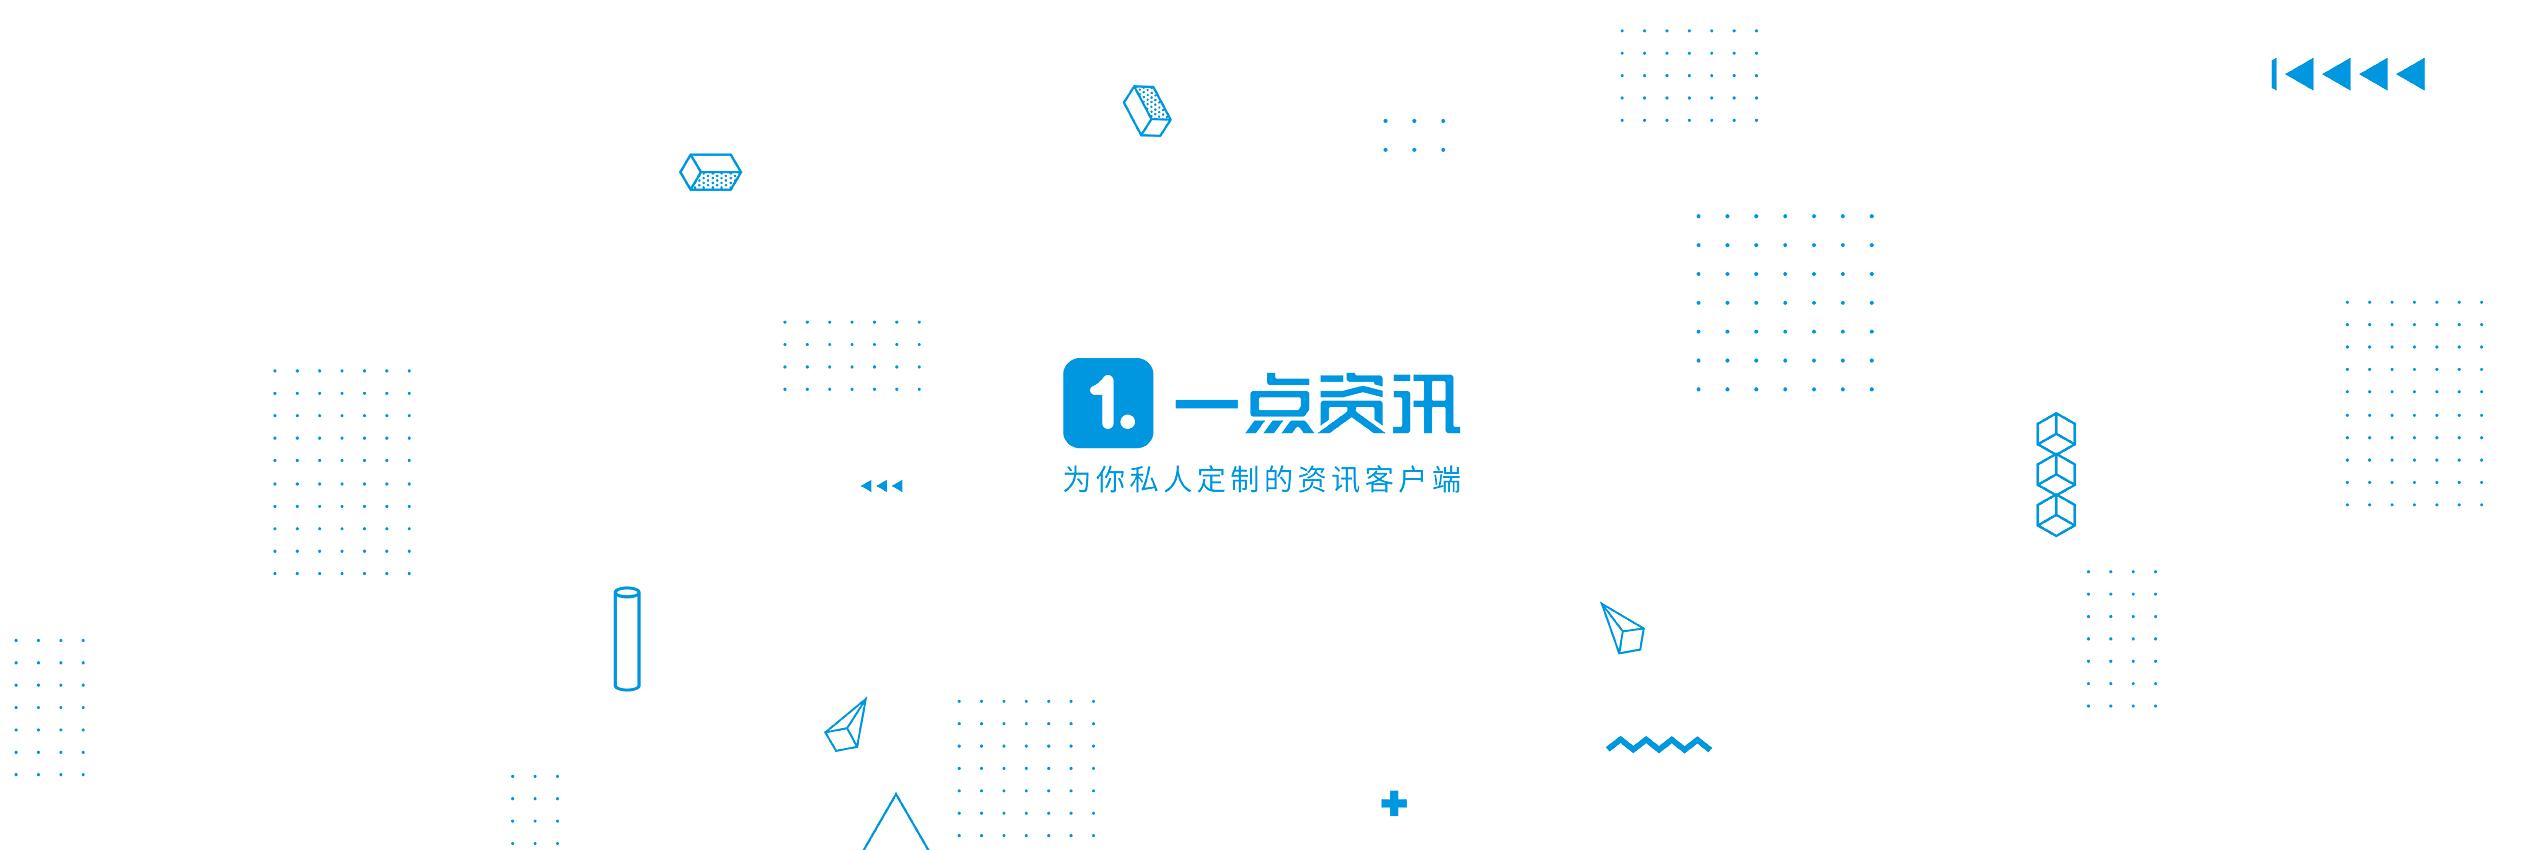 beijingqiang01